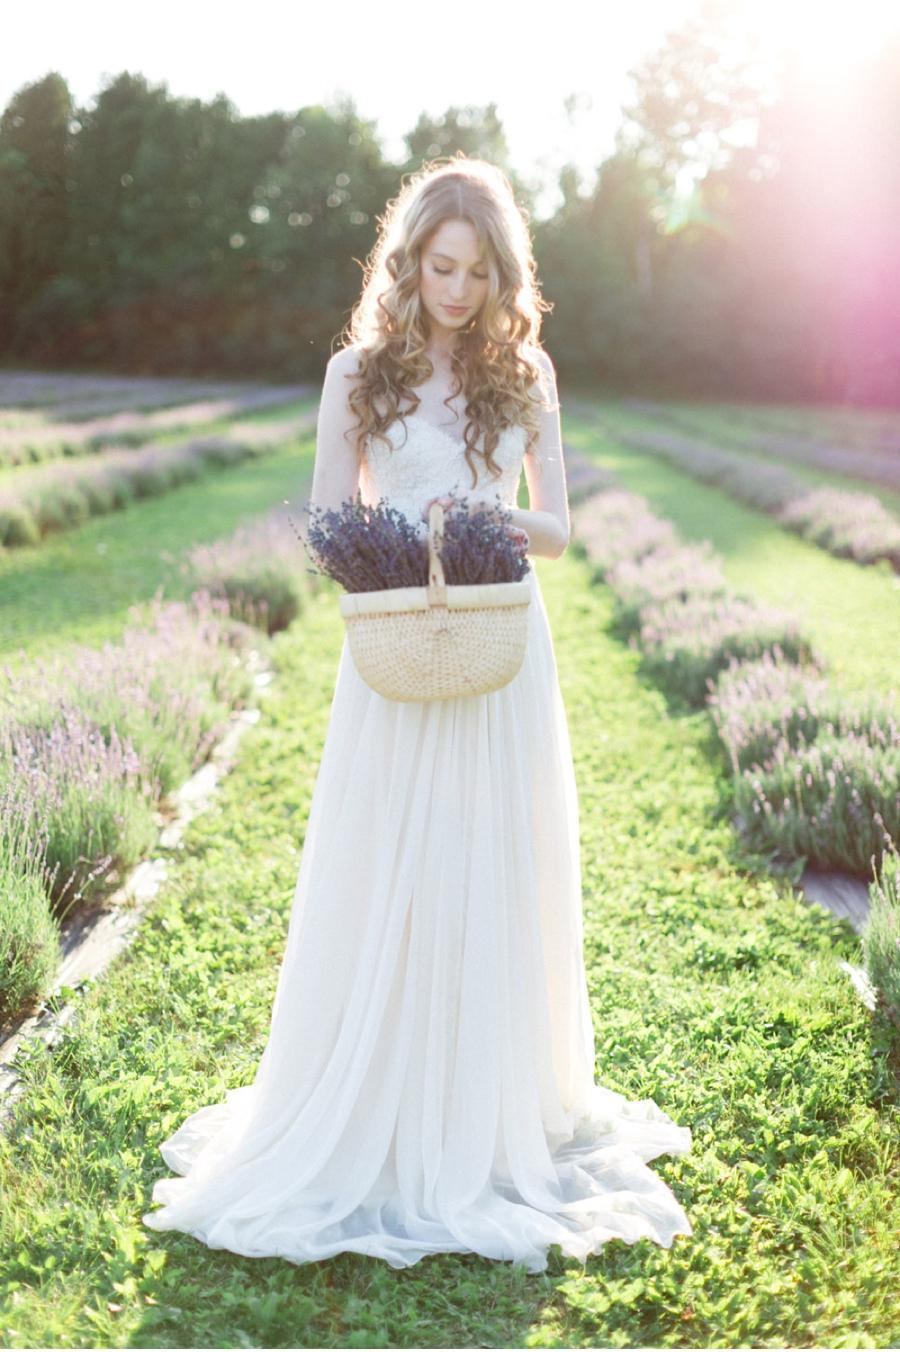 Bride-at-Lavender-Farm-Ontario